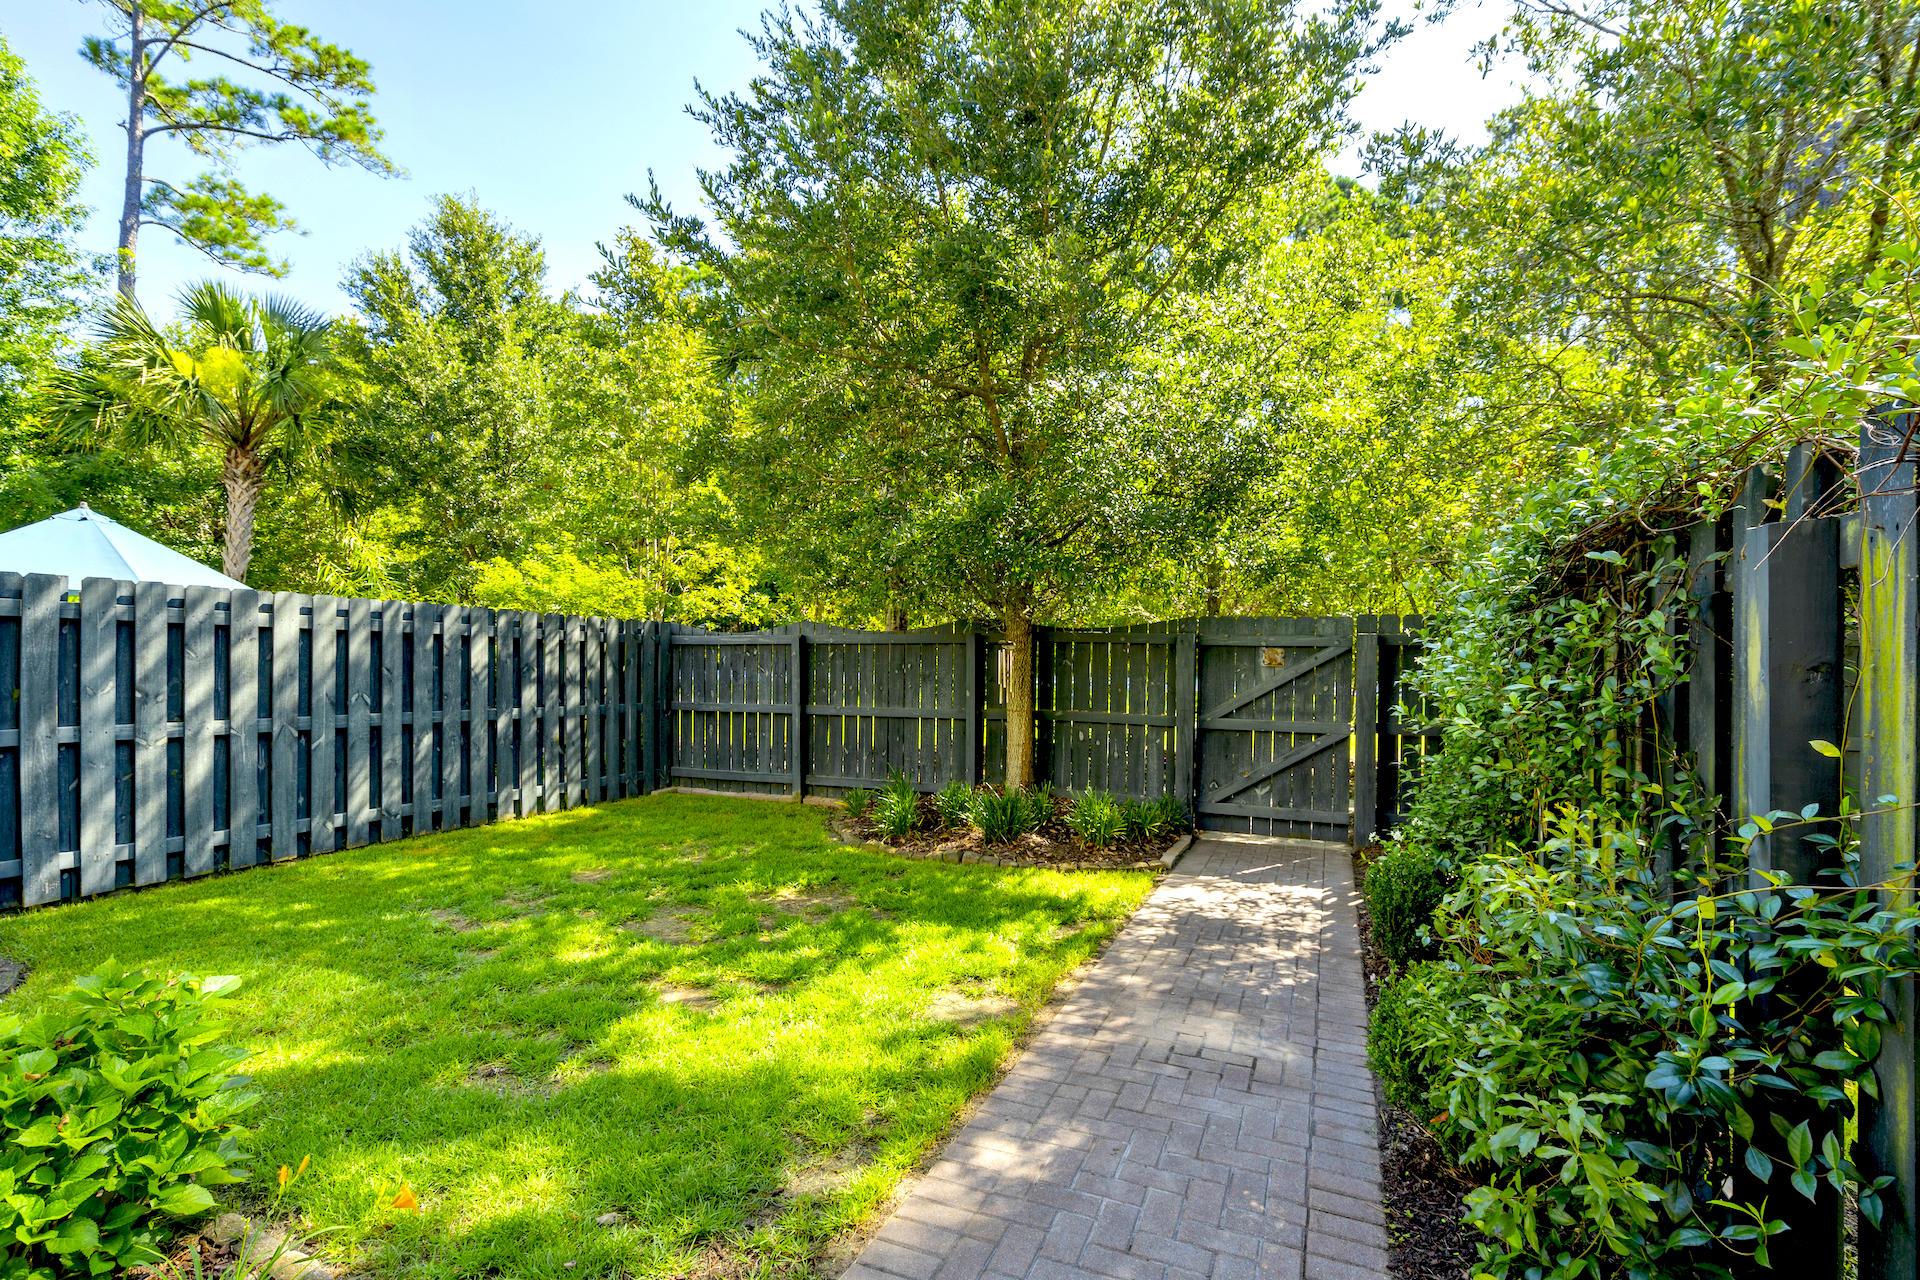 Park West Homes For Sale - 3061 Park West, Mount Pleasant, SC - 17